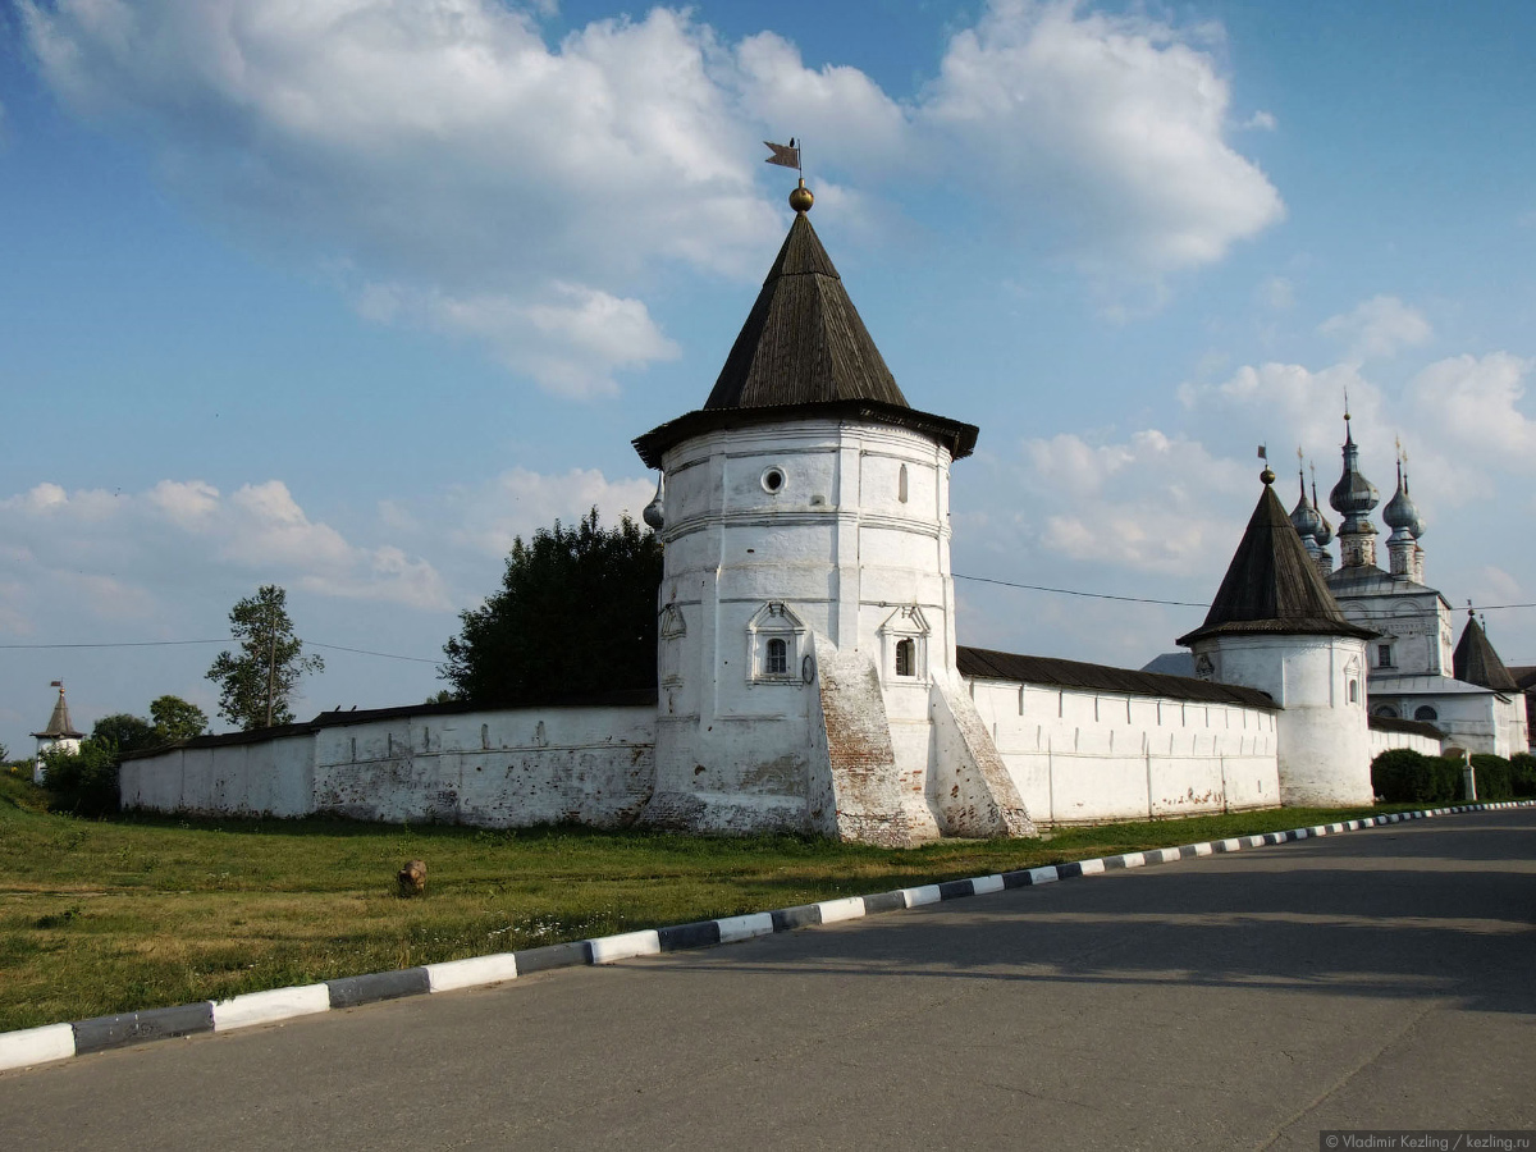 Юрьев-Польской